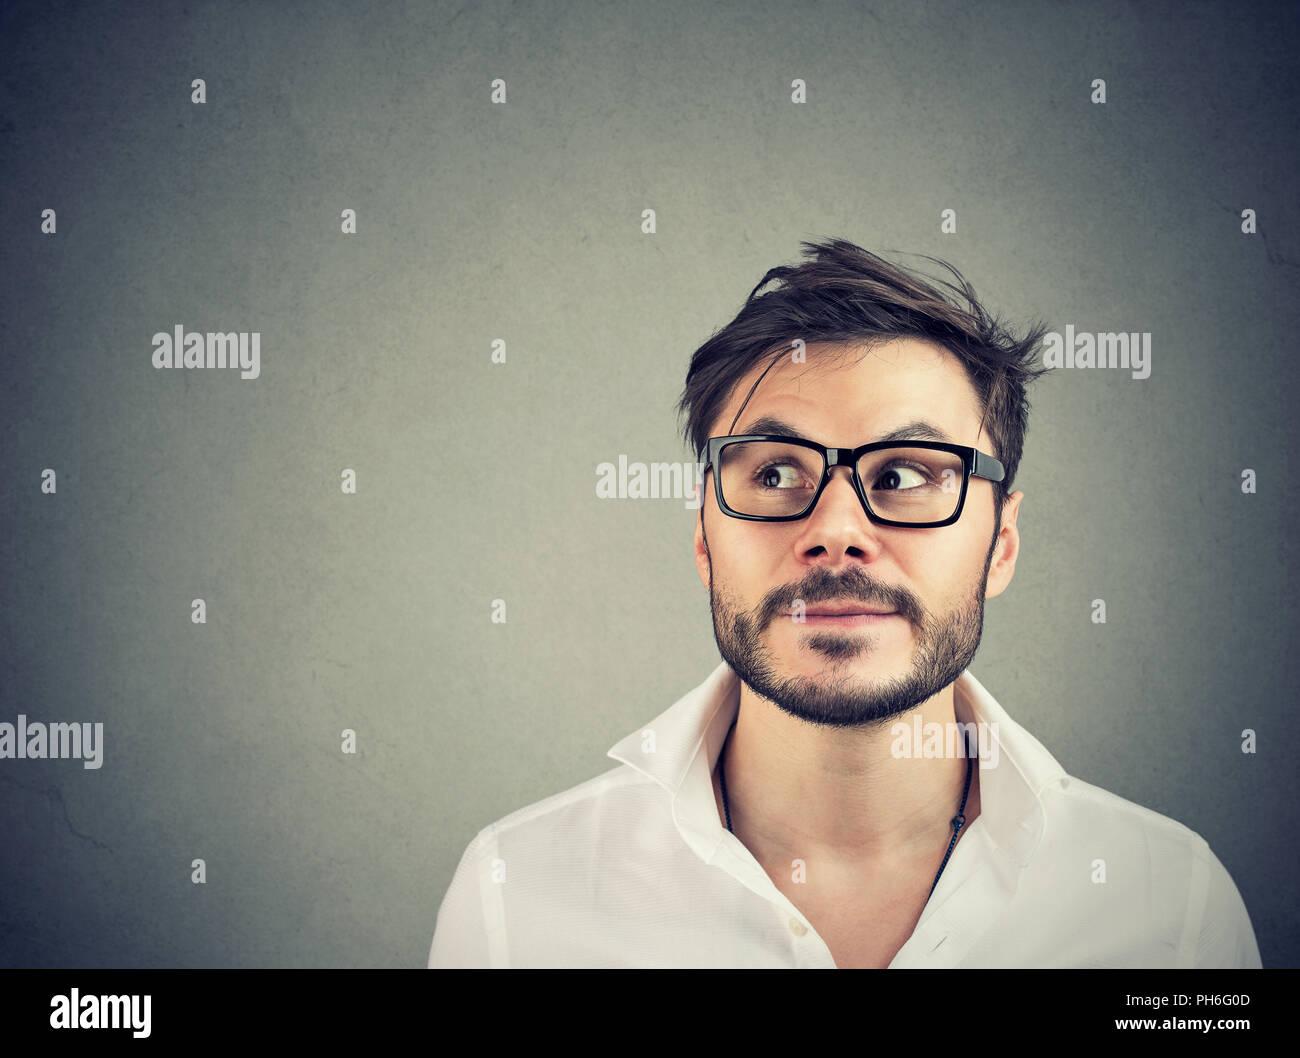 Bel uomo barbuto cercando nella contemplazione rendendo la decisione su sfondo grigio Immagini Stock